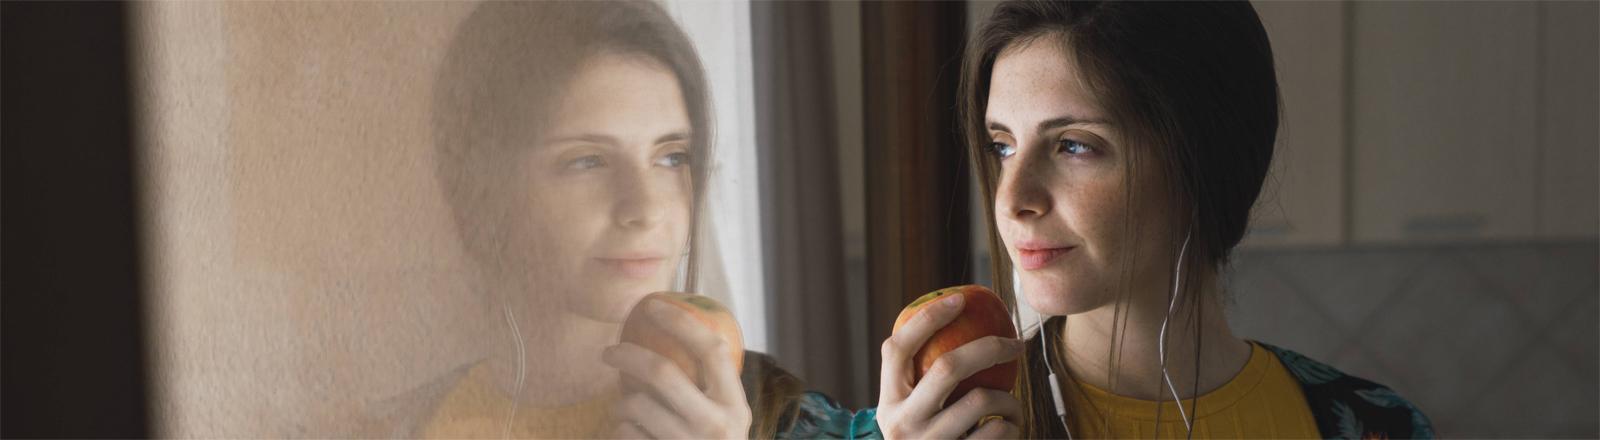 Eine musikhörende Frau isst einen Apfel